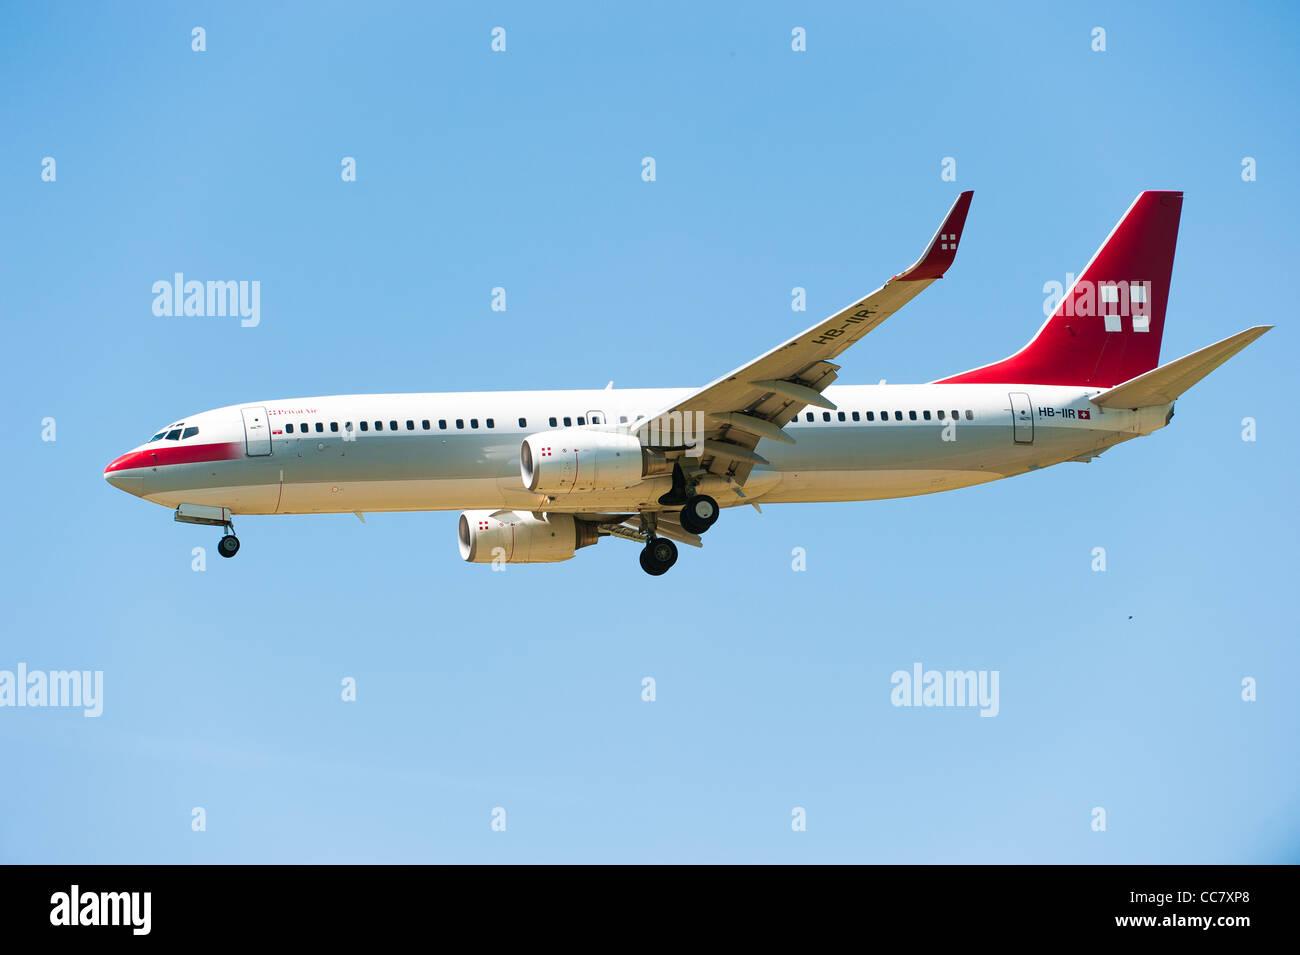 ZURICH, SUIZA - MAI 24: privado Aire (HB-IIR) avión aterriza en el aeropuerto de Zurich (Suiza) 24 mai, 2010 Imagen De Stock